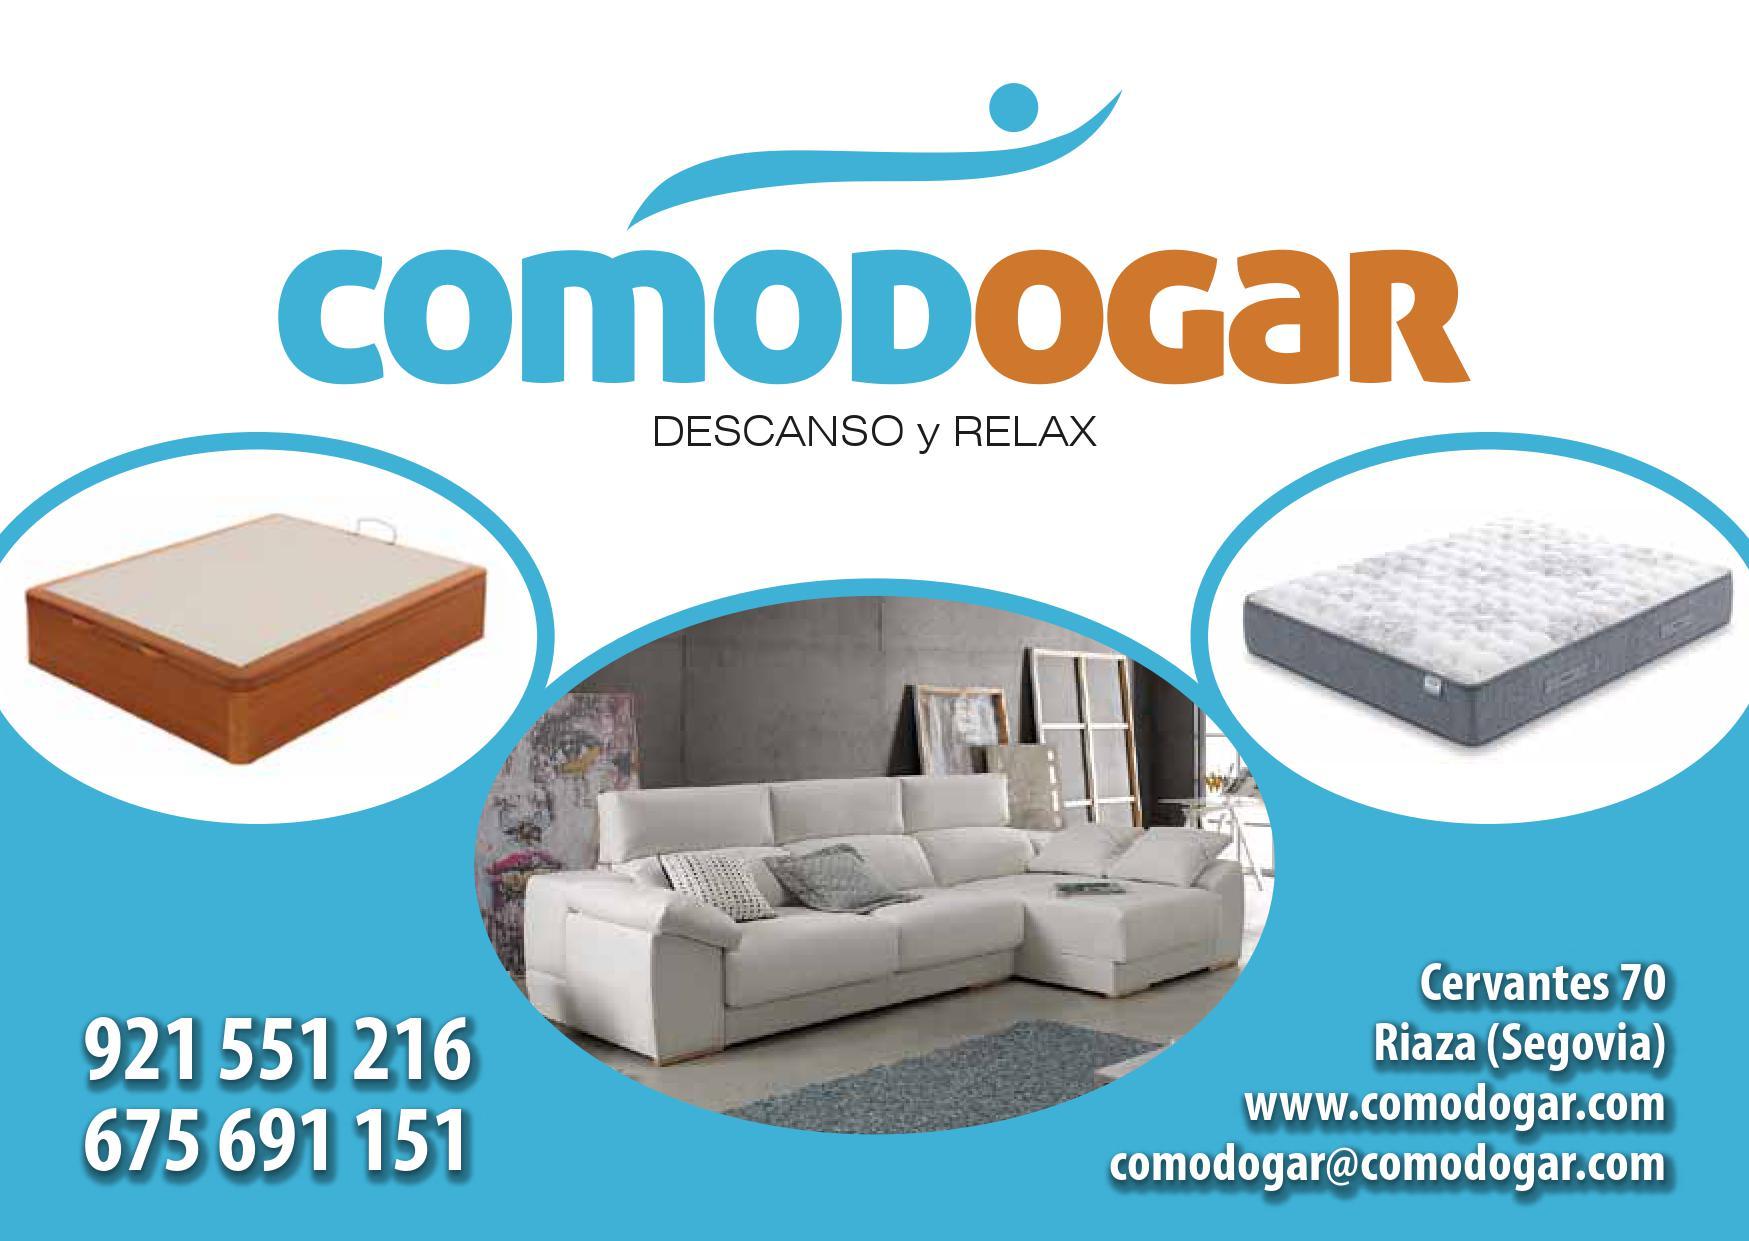 Nuevo logo | Comodogar Muebles